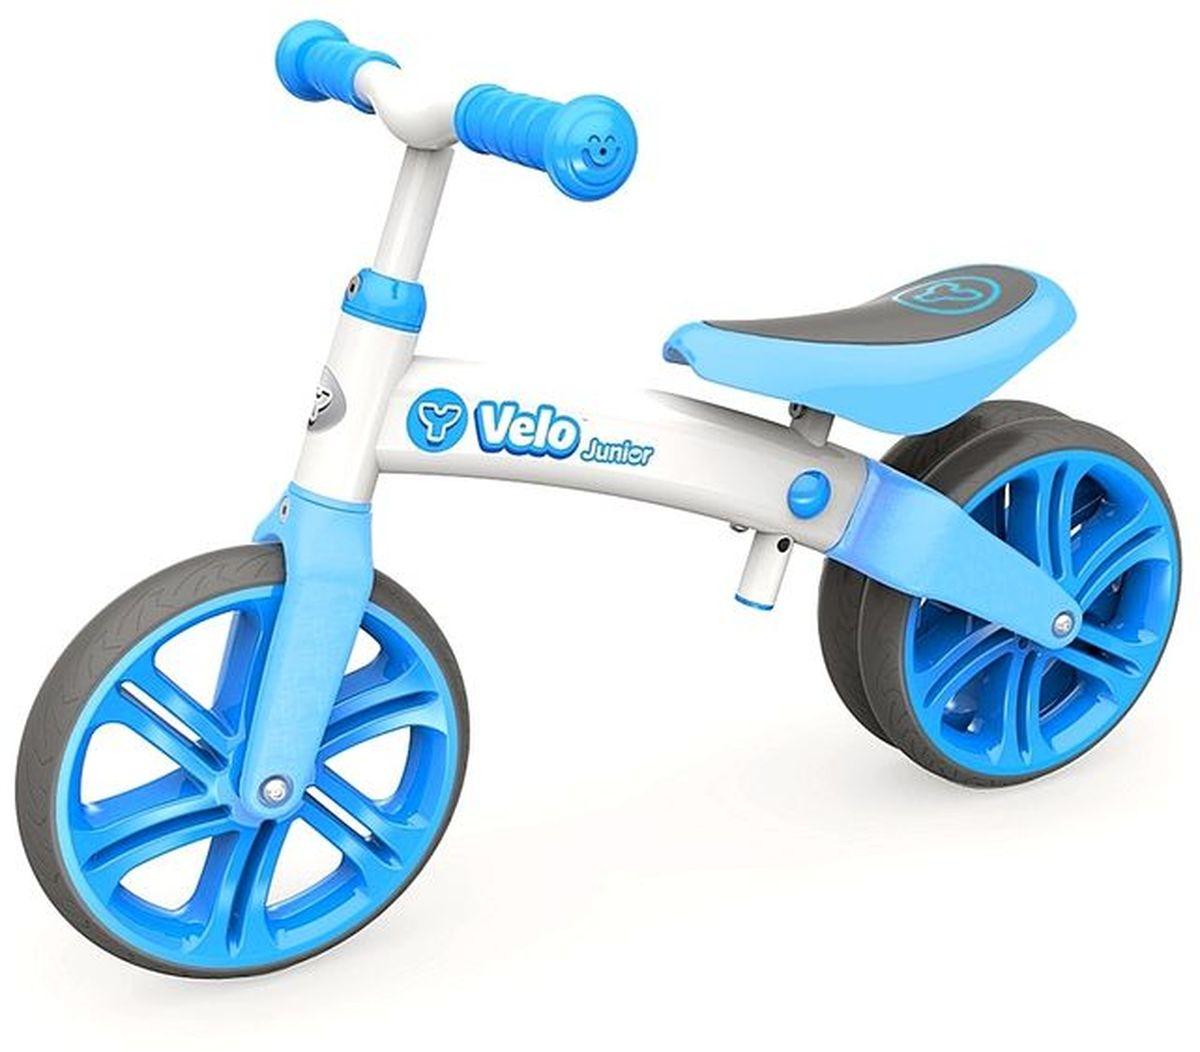 Y-Volution Беговел двухколесный Velo Junior с двойным колесом 100522